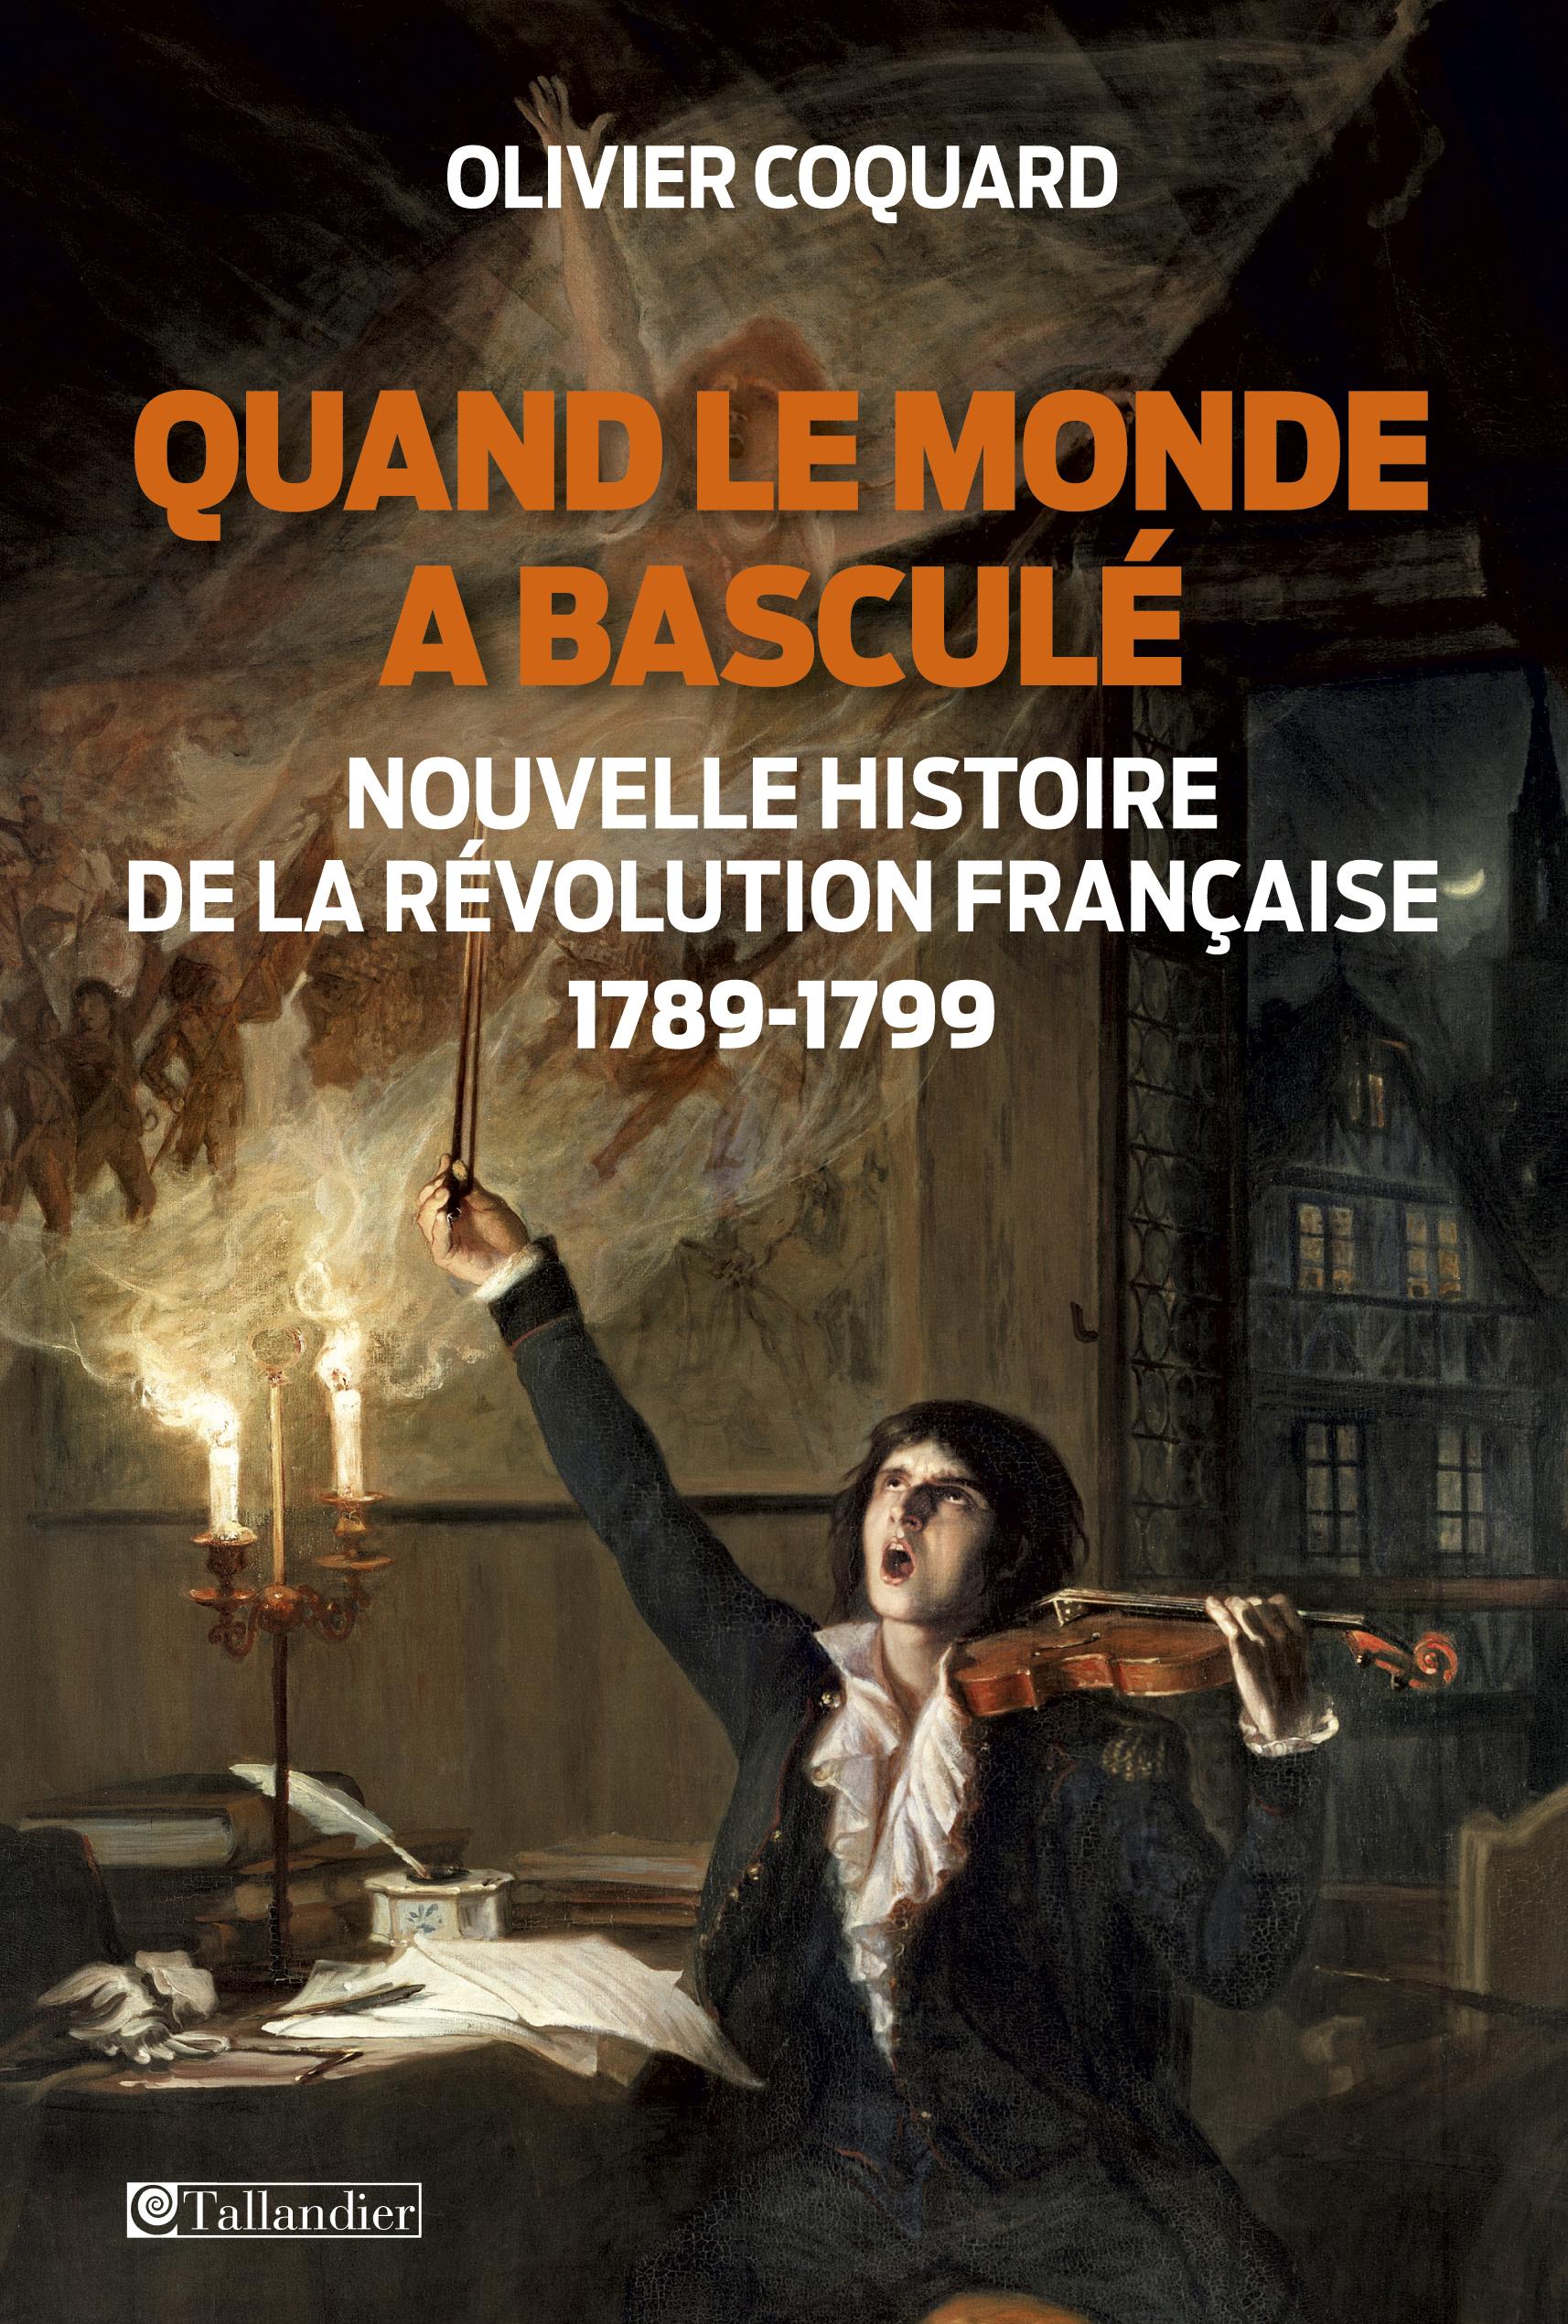 Quand le monde a basculé - Nouvelle histoire de la révolution française